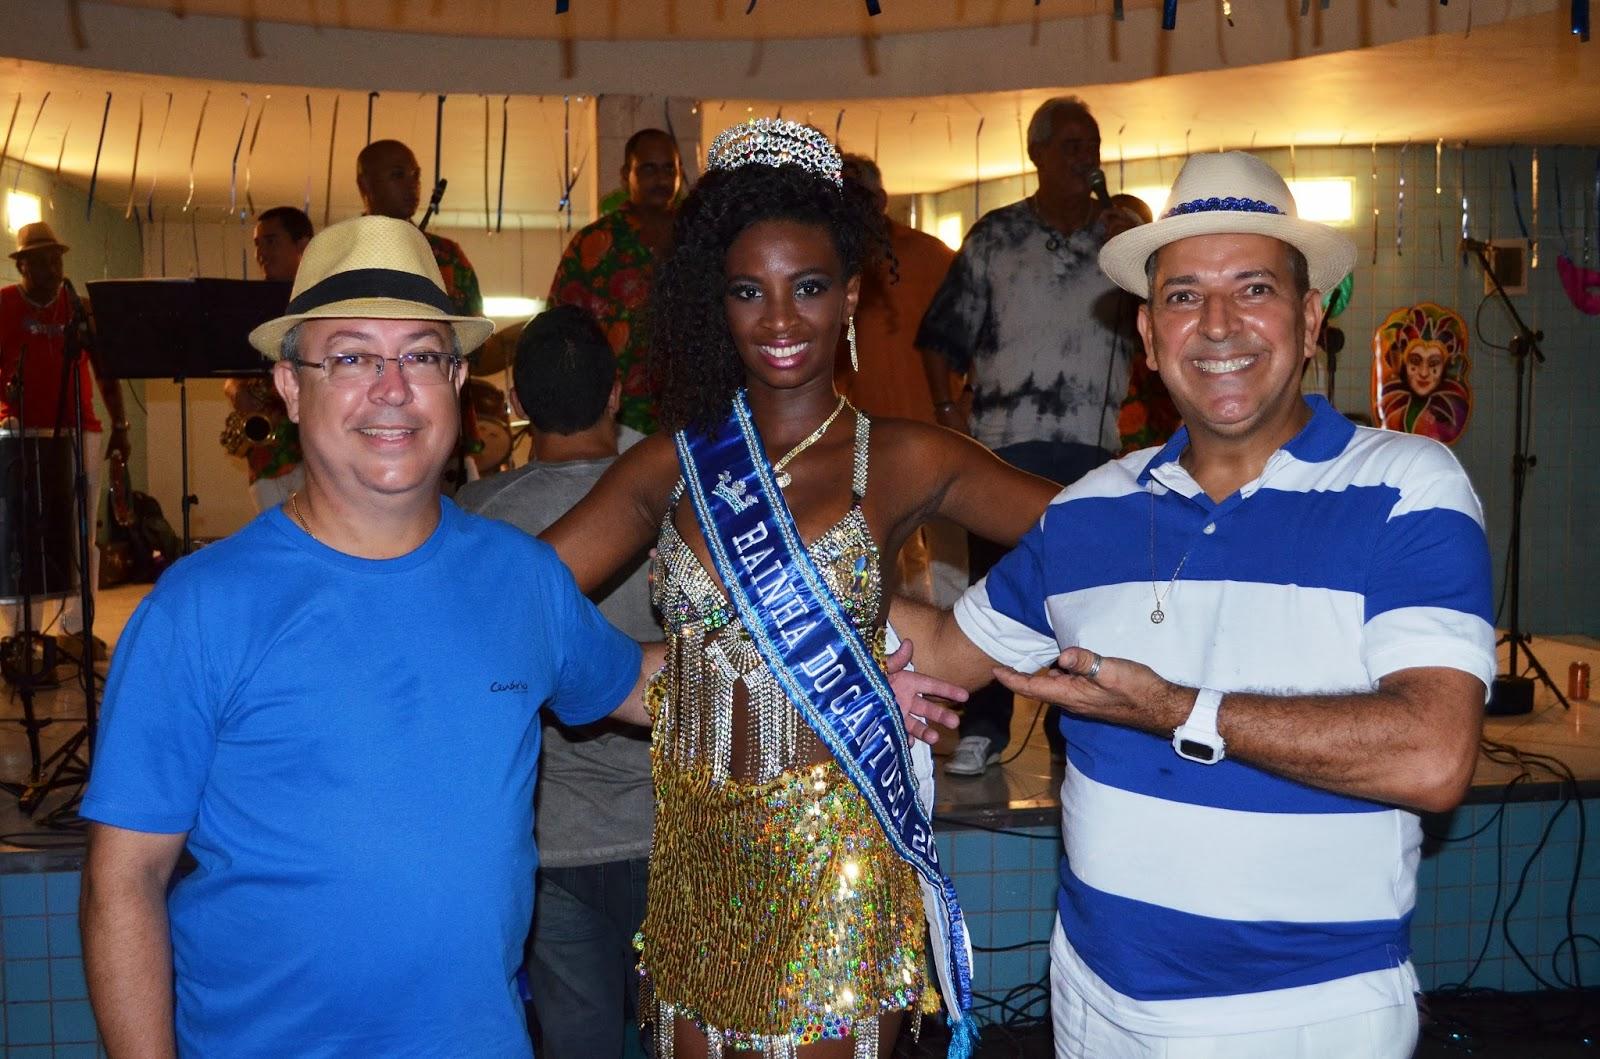 Canto do Rio – Baile dos sócios abriu os festejos de Carnaval